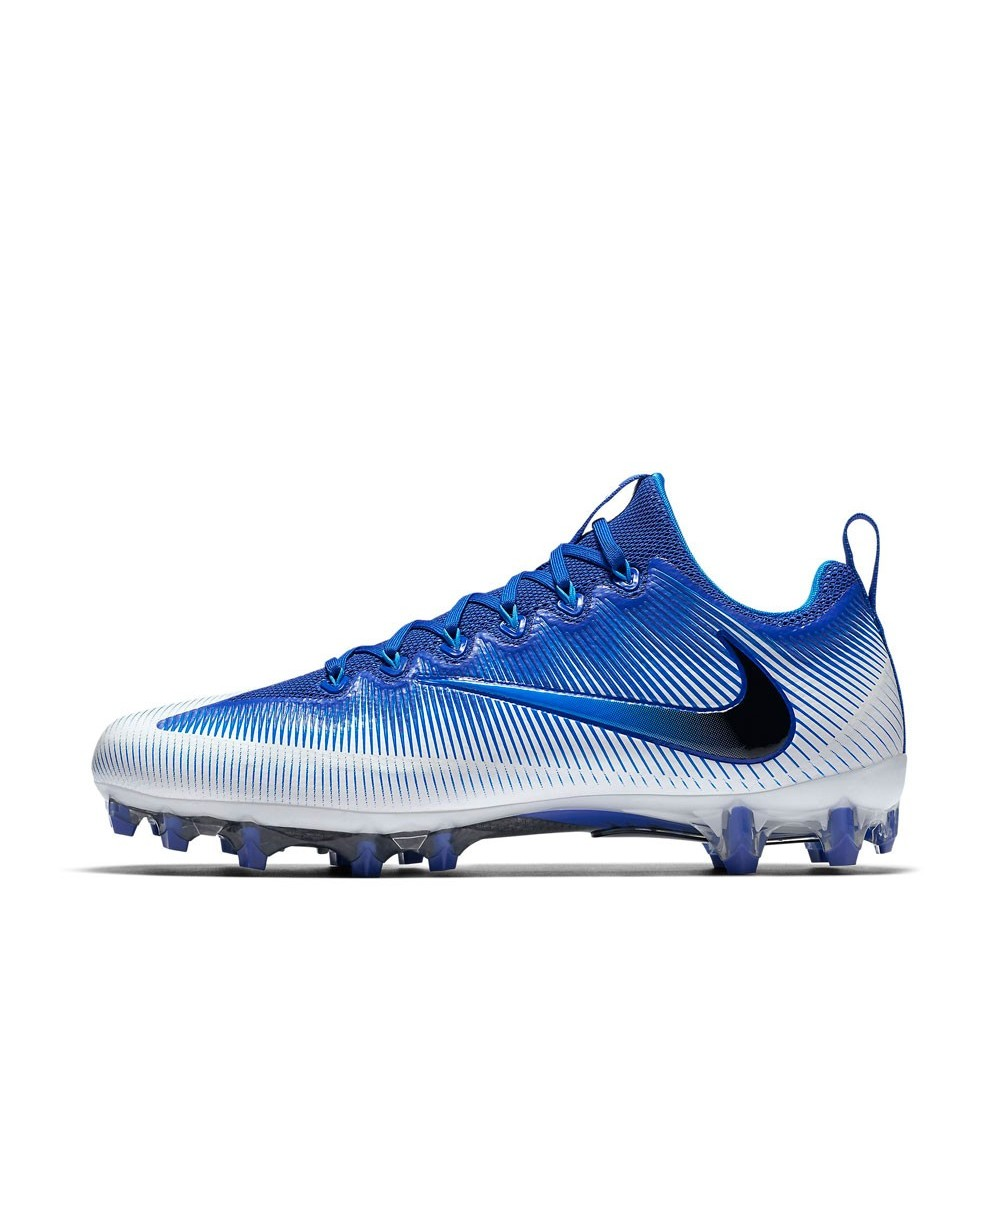 Nike Vapor Untouchable Pro Zapatos de Fútbol Americano para Hombre ... 8cabc2f5009